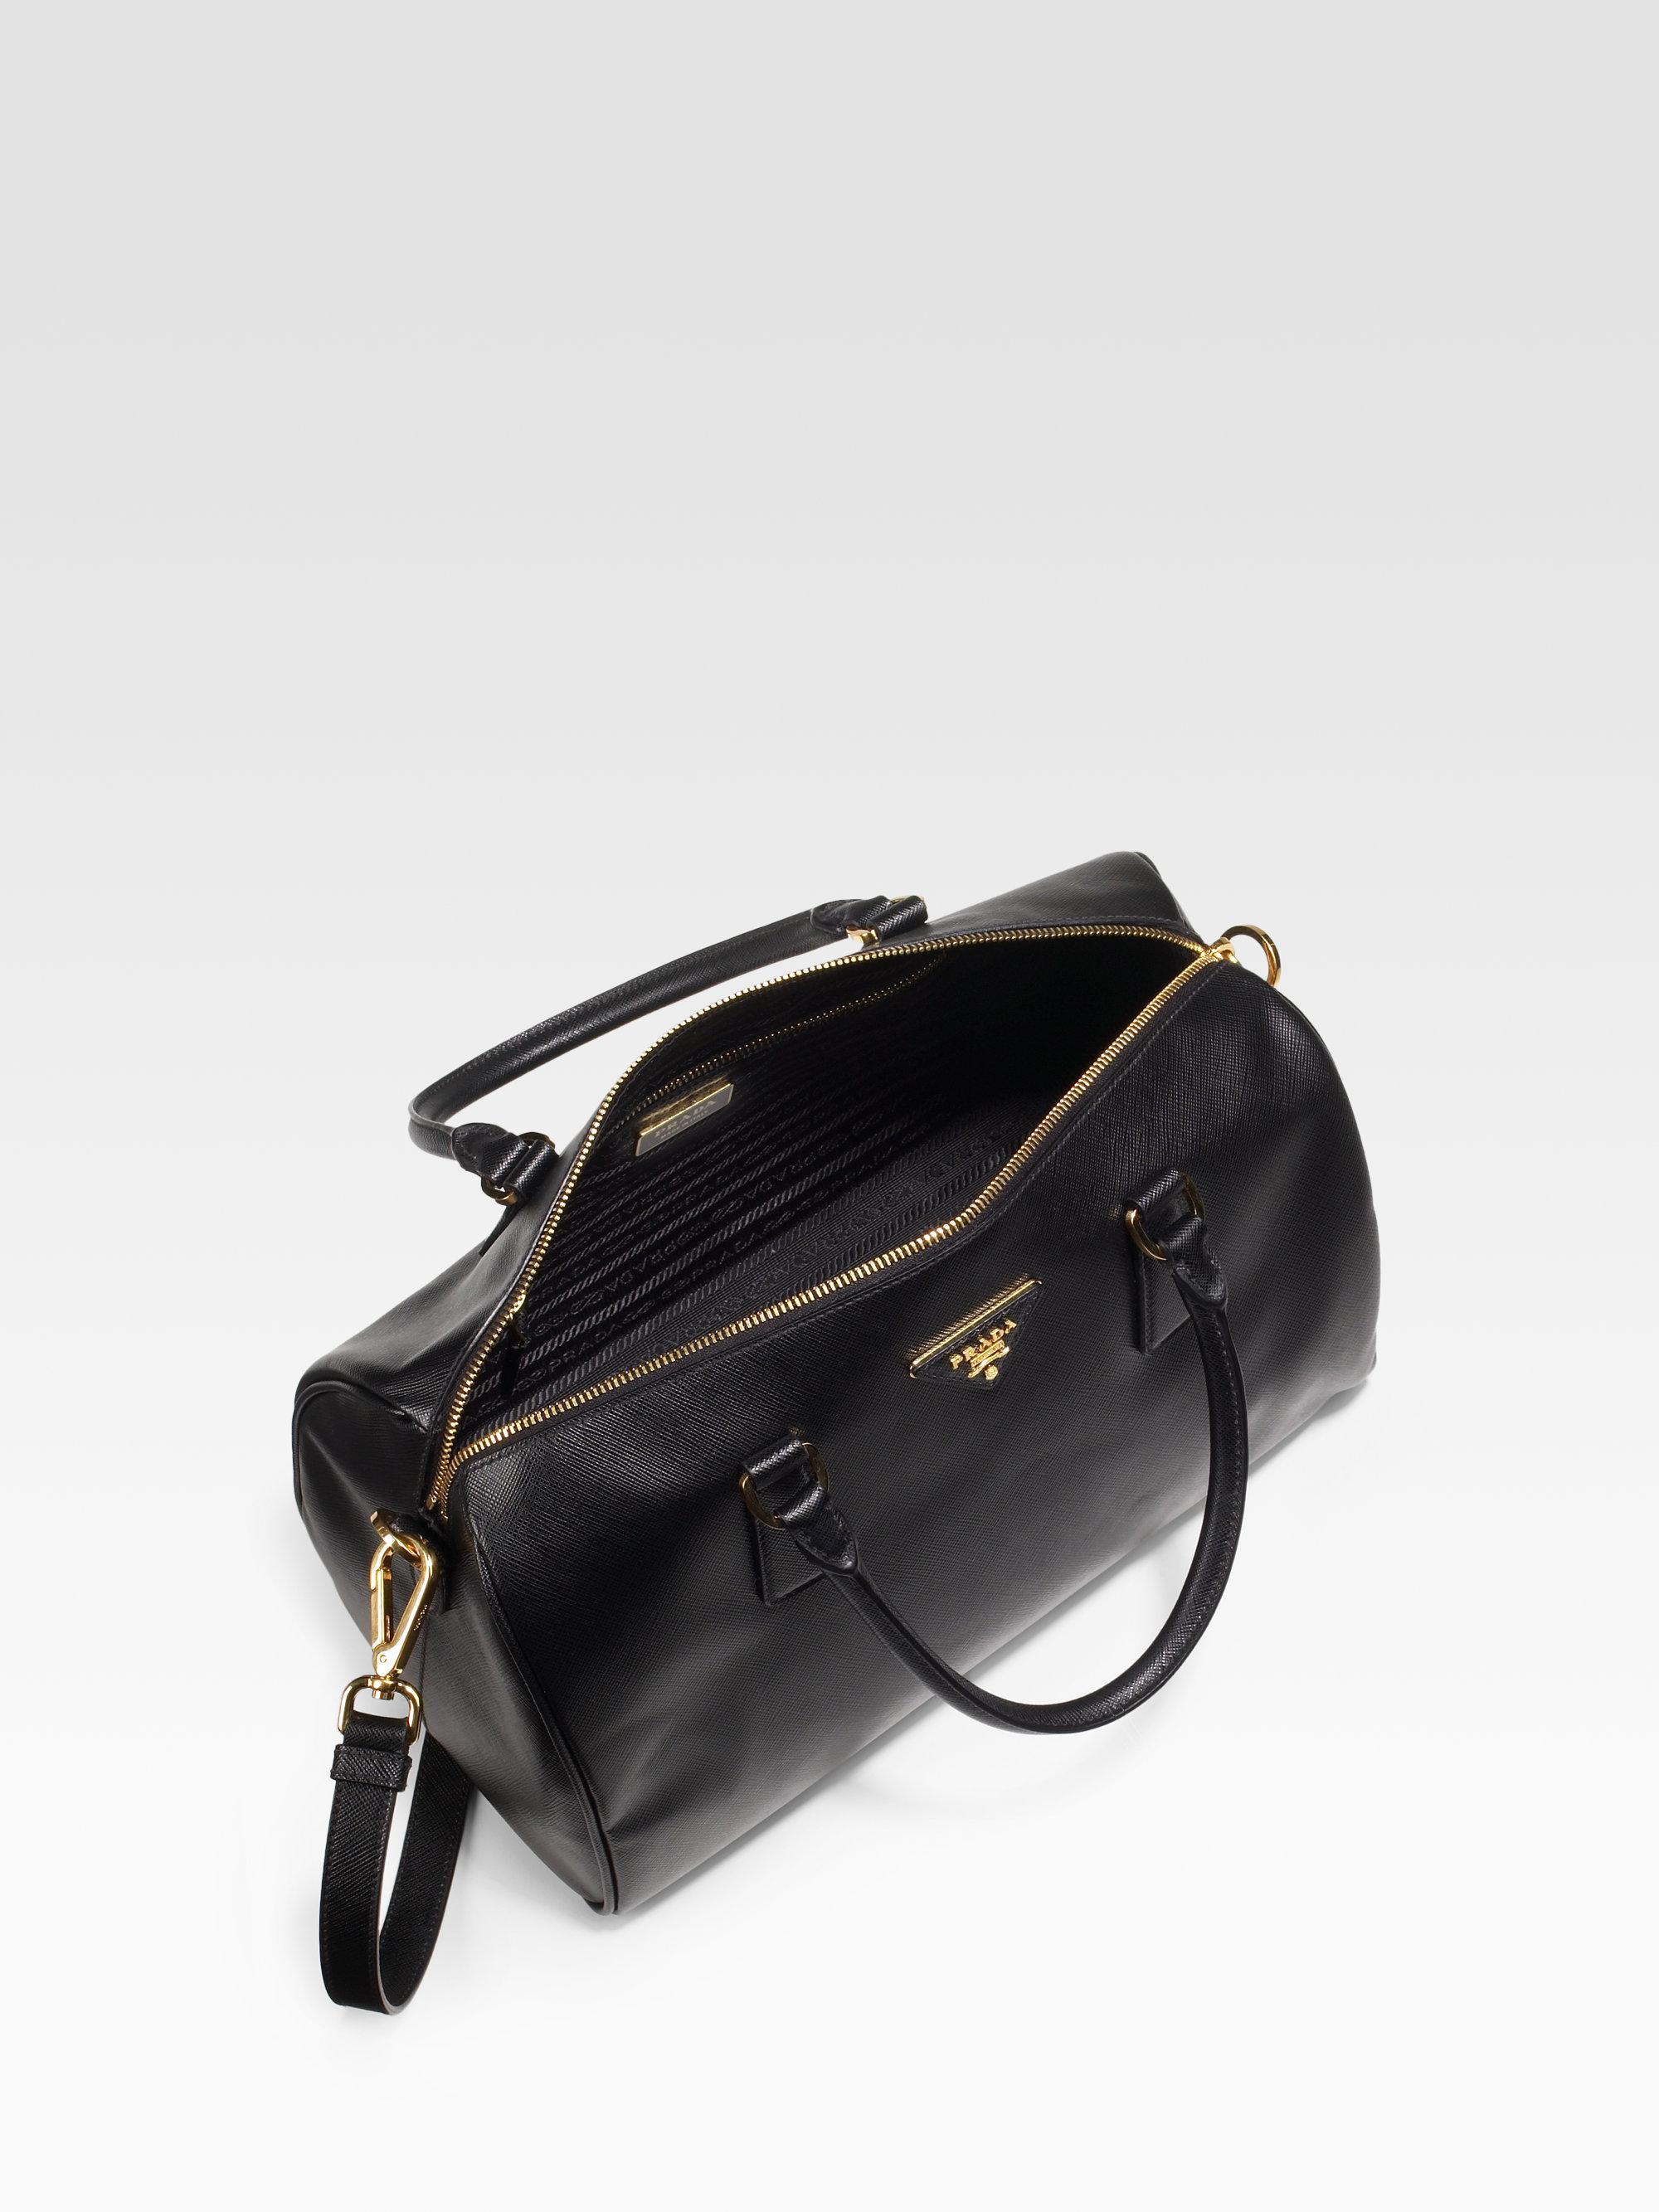 prada saffiano leather wallet pink - prada saffiano lux chain shoulder bag, prada graphite bag